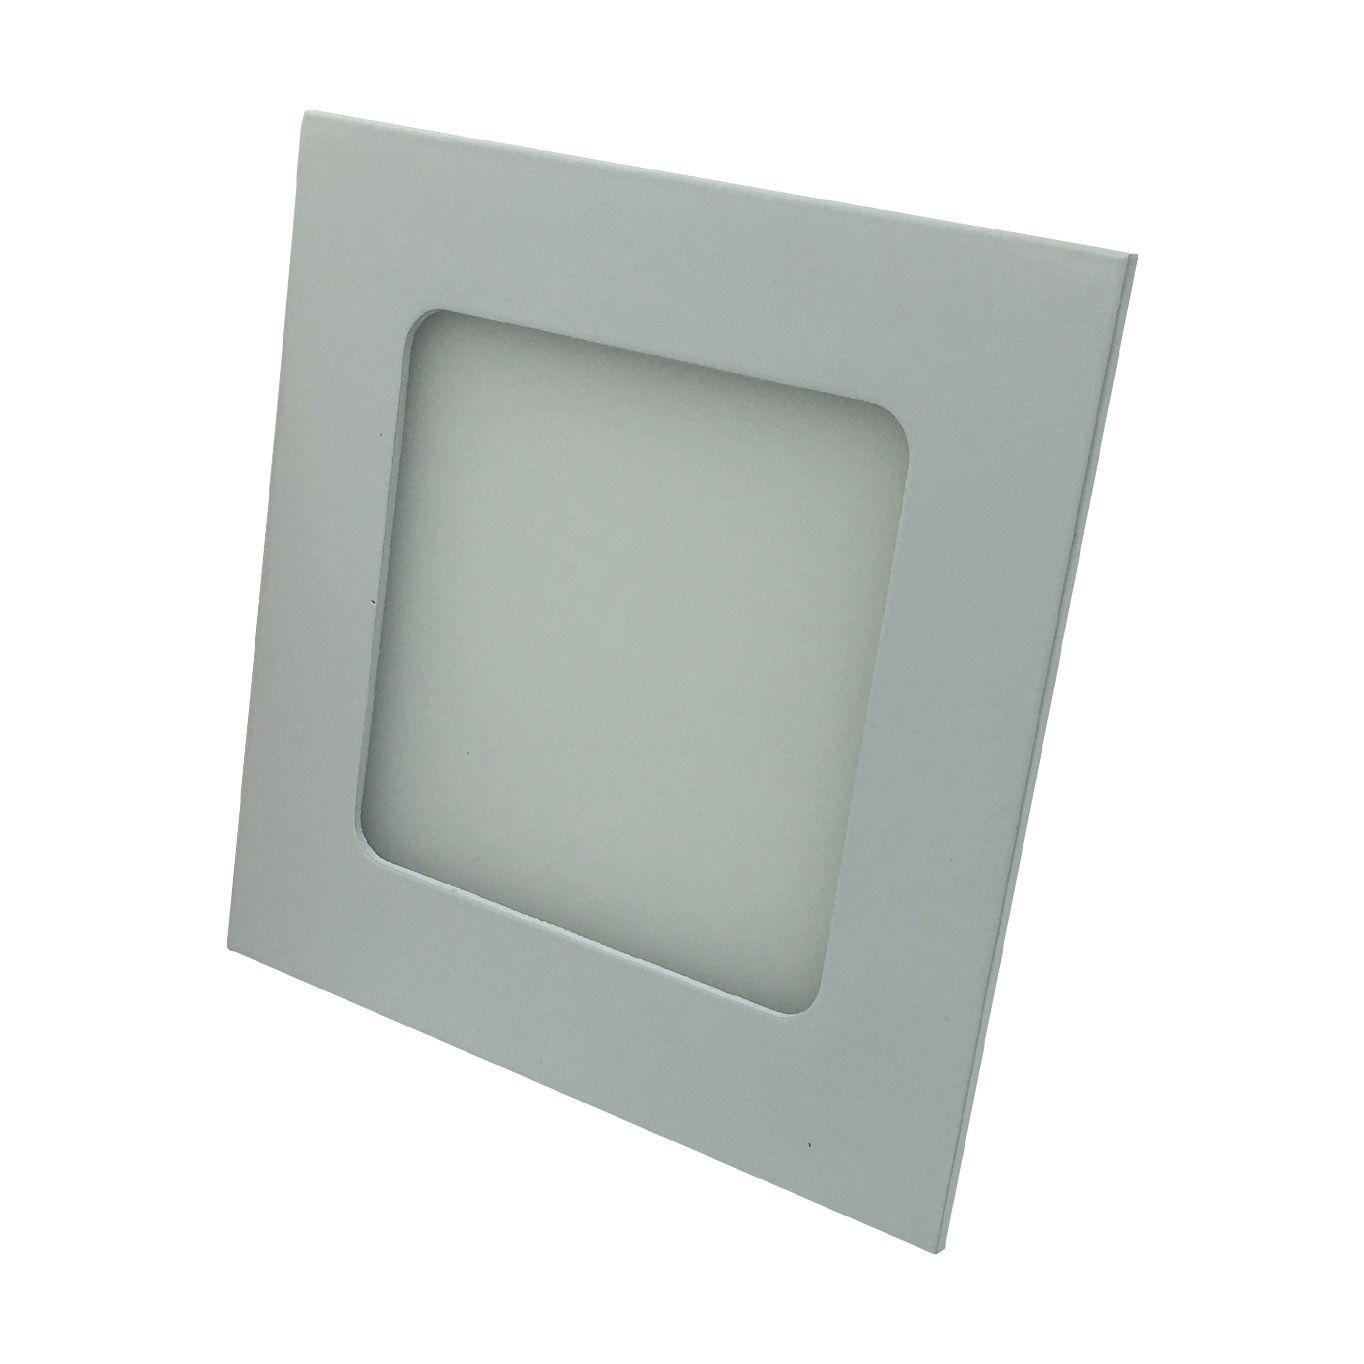 Painel de LED Embutir Quadrado 3000K - 3W (Bivolt)